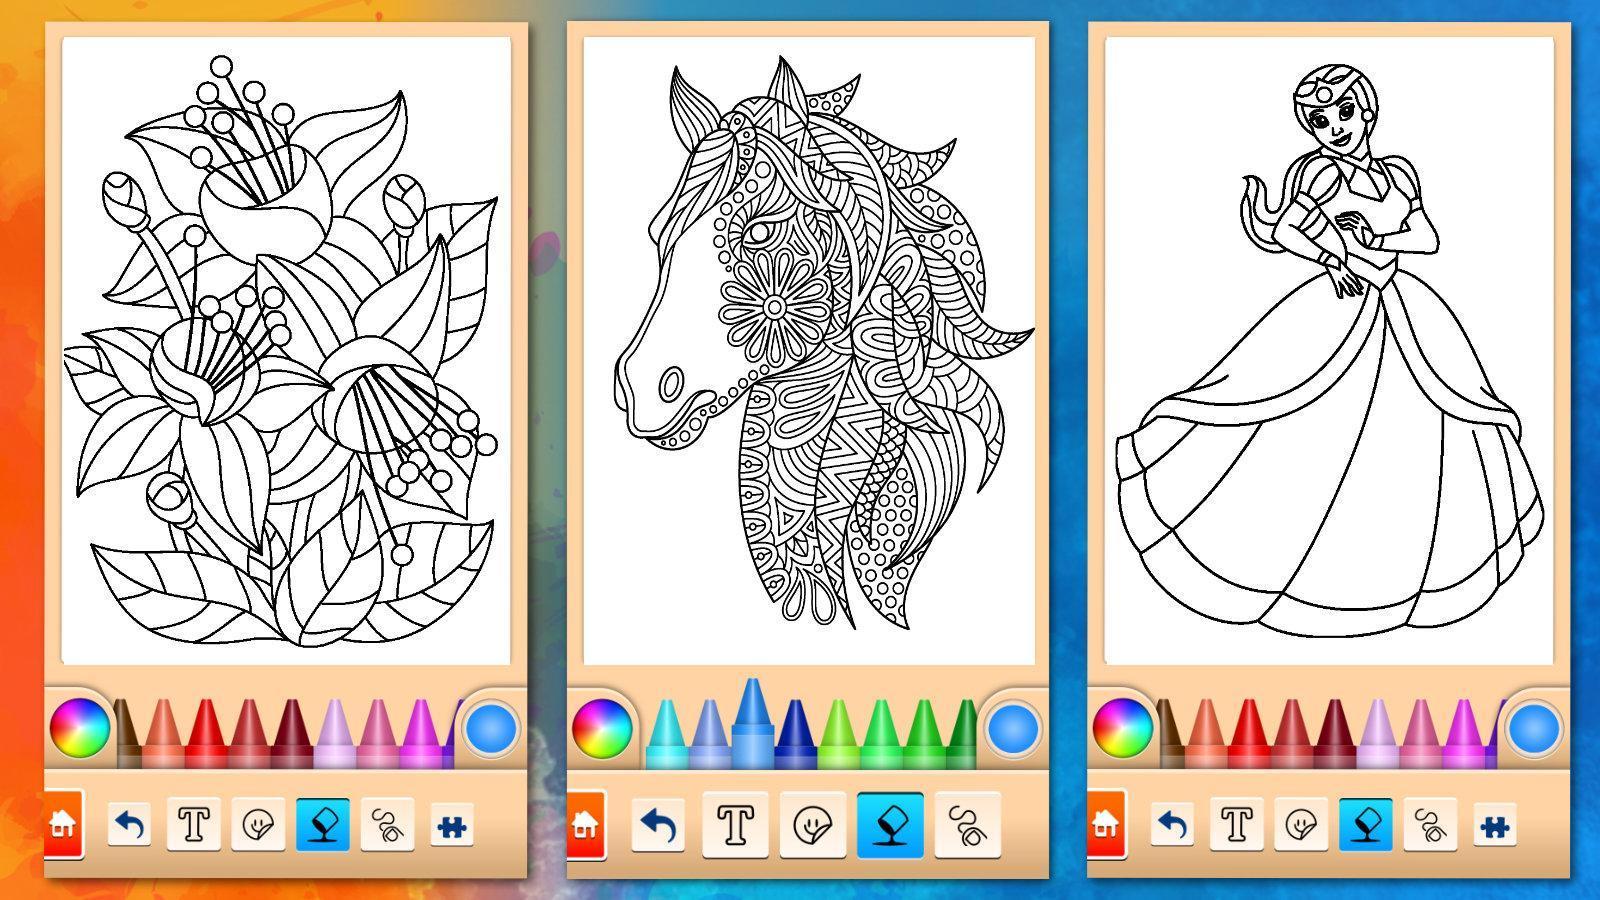 Jeux De Filles Peinture Et Coloriage Pour Android Telechargez L Apk